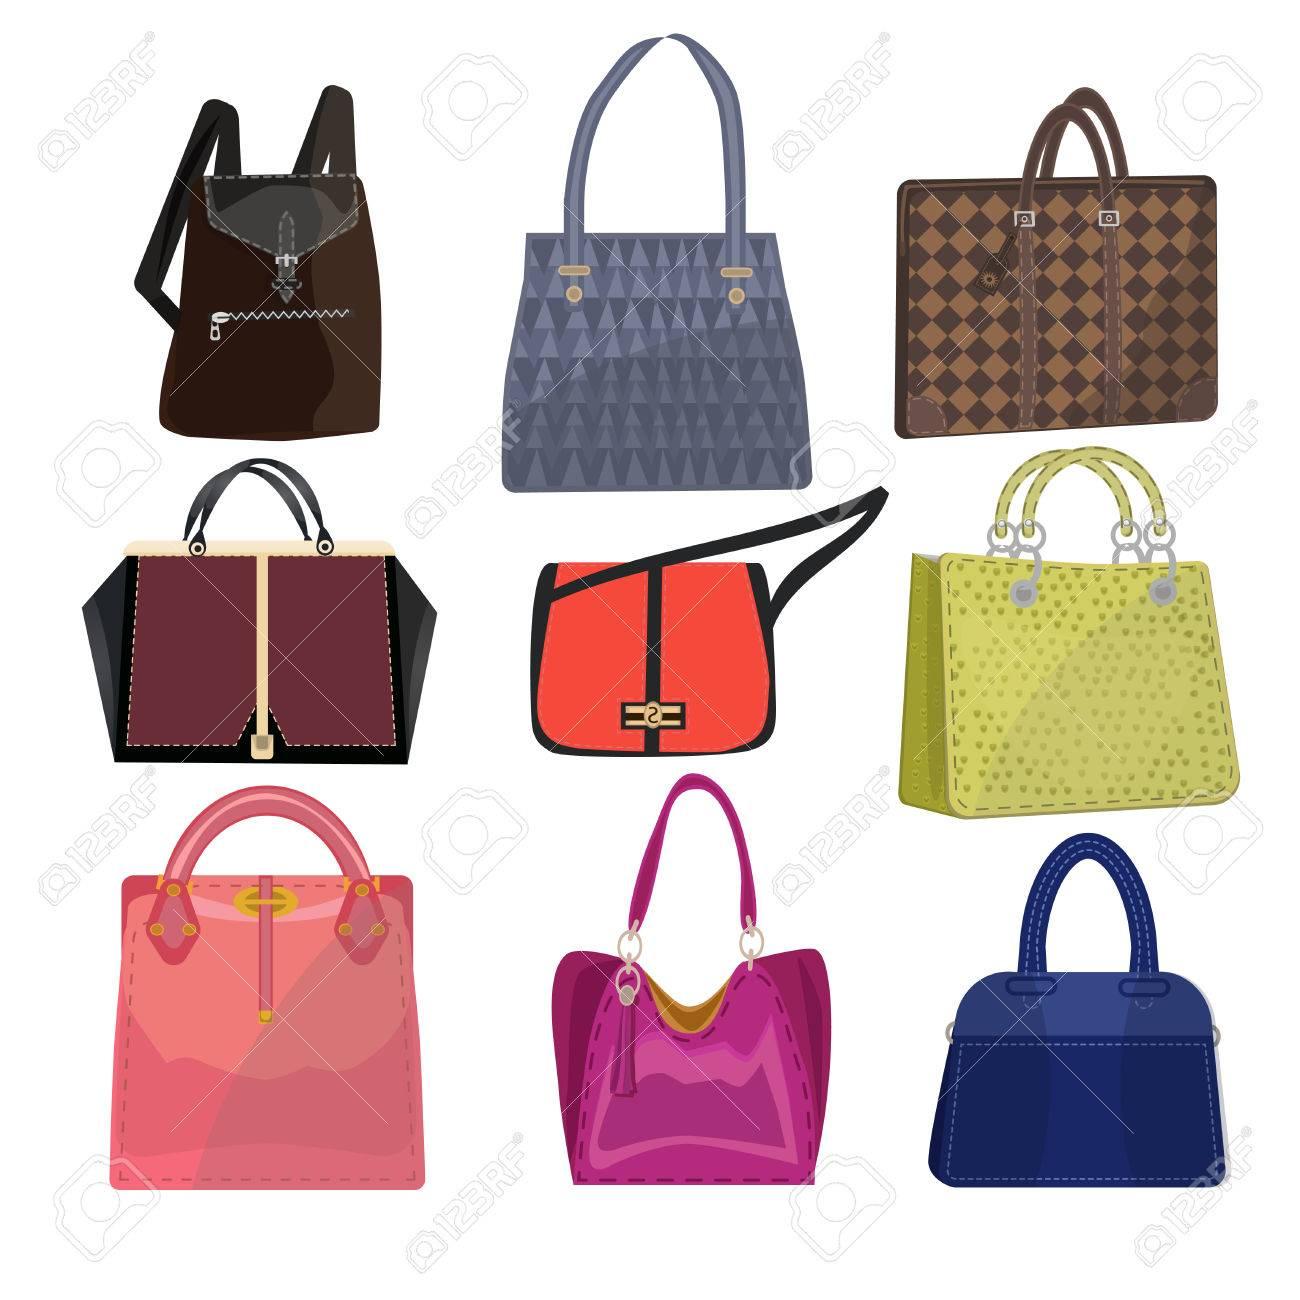 ee57c8ac01b5d Frauen Leder Farbe Handtaschen auf weißem Hintergrund. Moderne Luxus-Farbe  Griff Frau Tasche zum